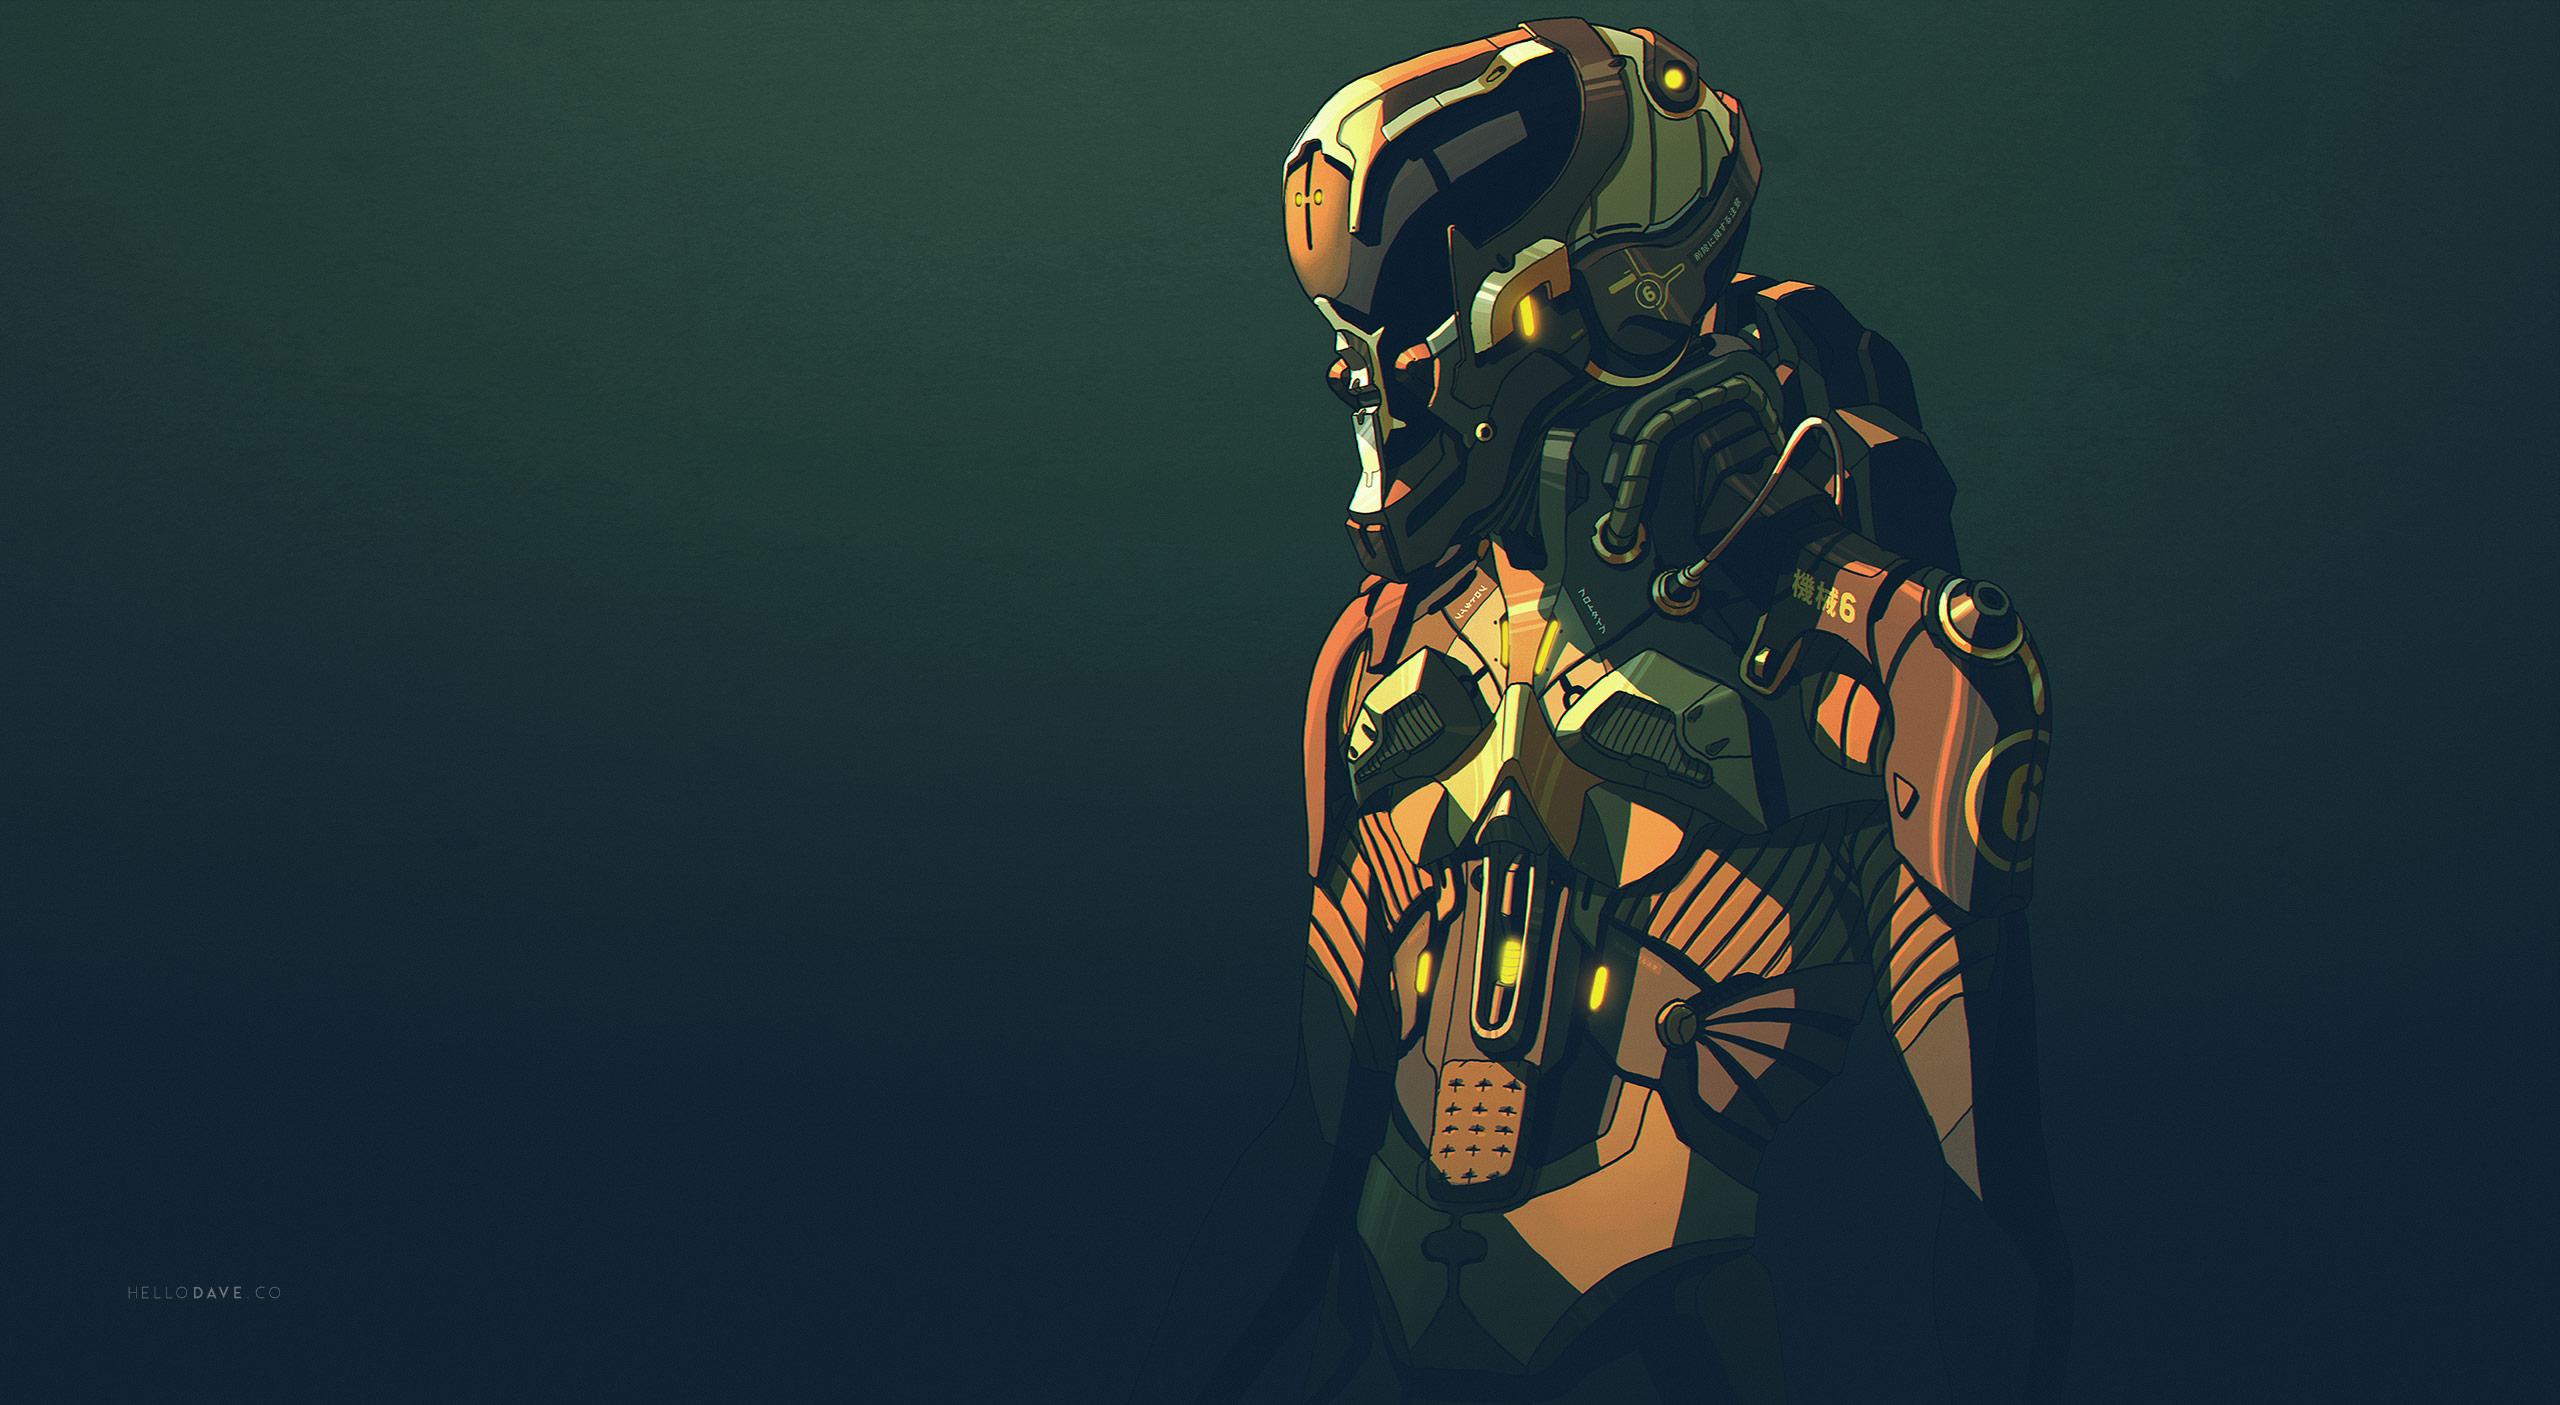 Mech_suit_Sketch_01